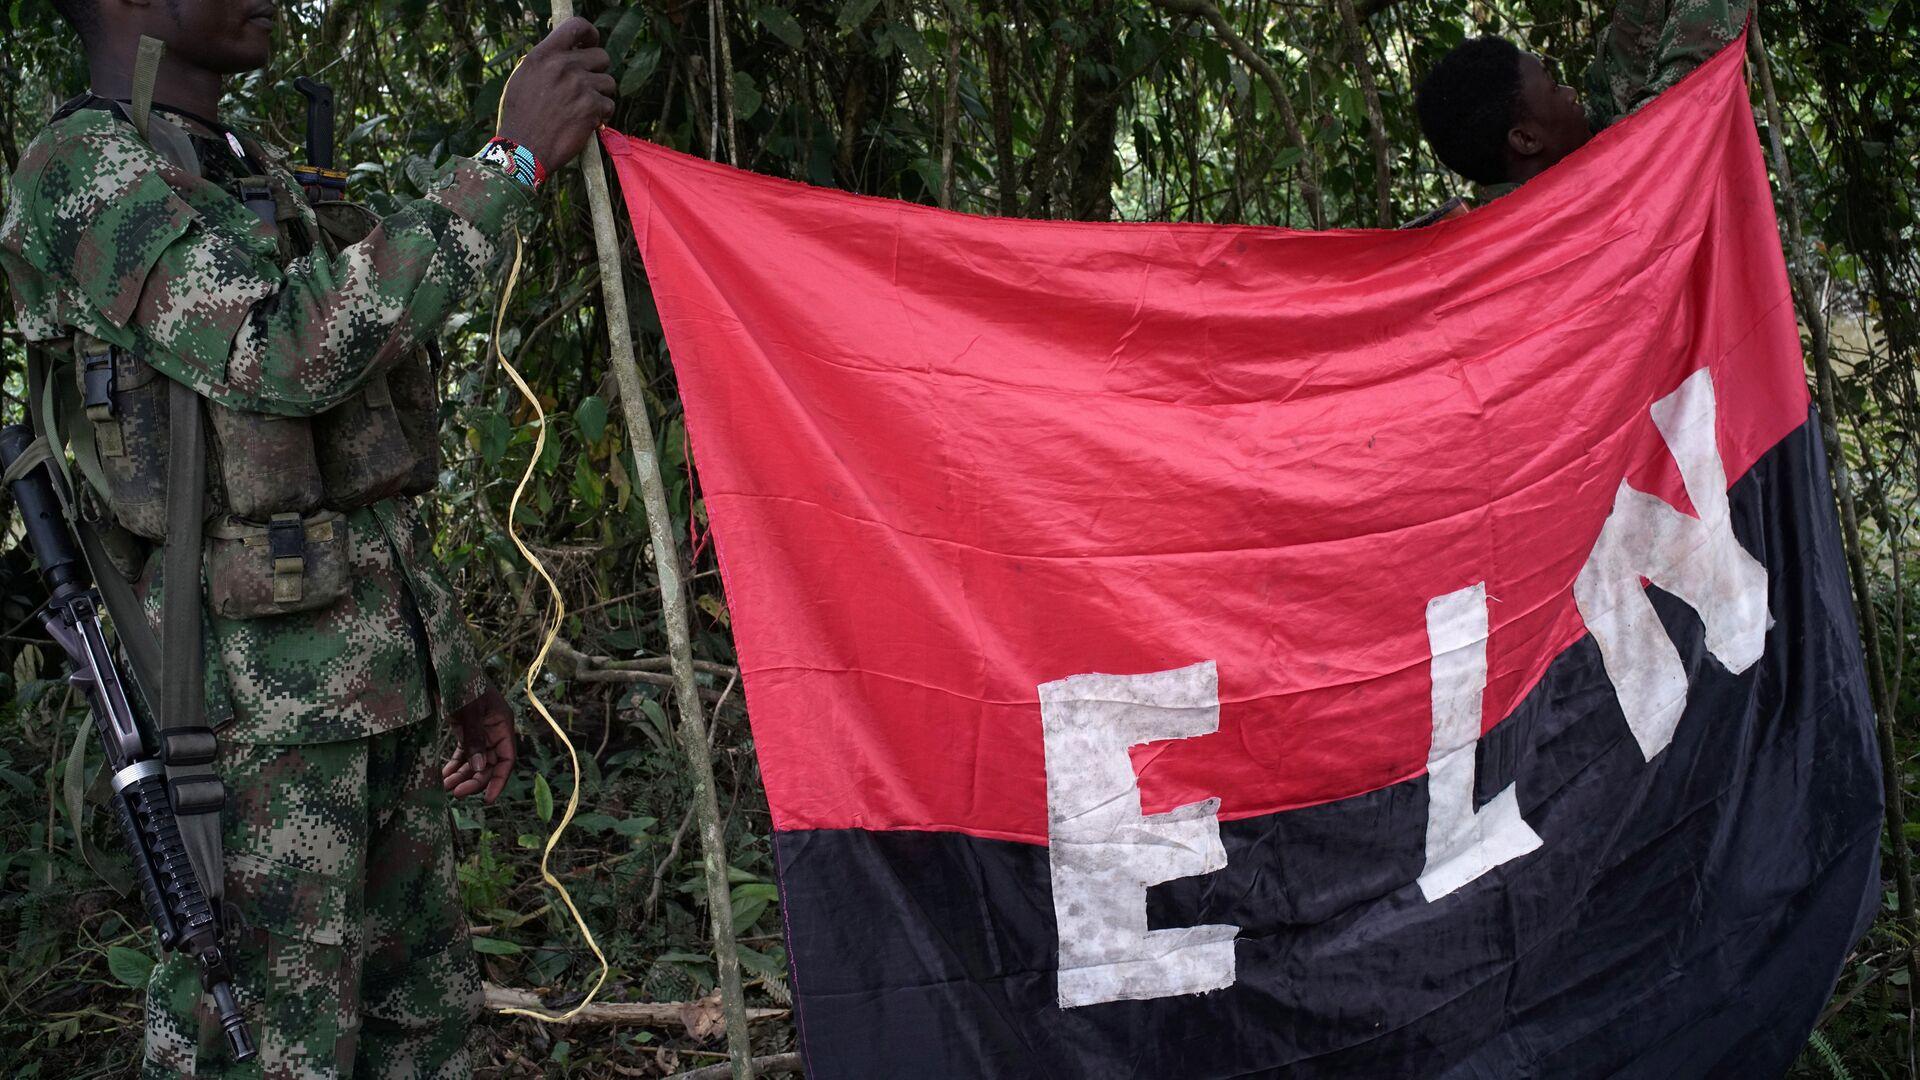 Los rebeldes del Ejército de Liberación Nacional (ELN) sostienen un estandarte en las selvas del noroeste de Colombia - Sputnik Mundo, 1920, 21.09.2020